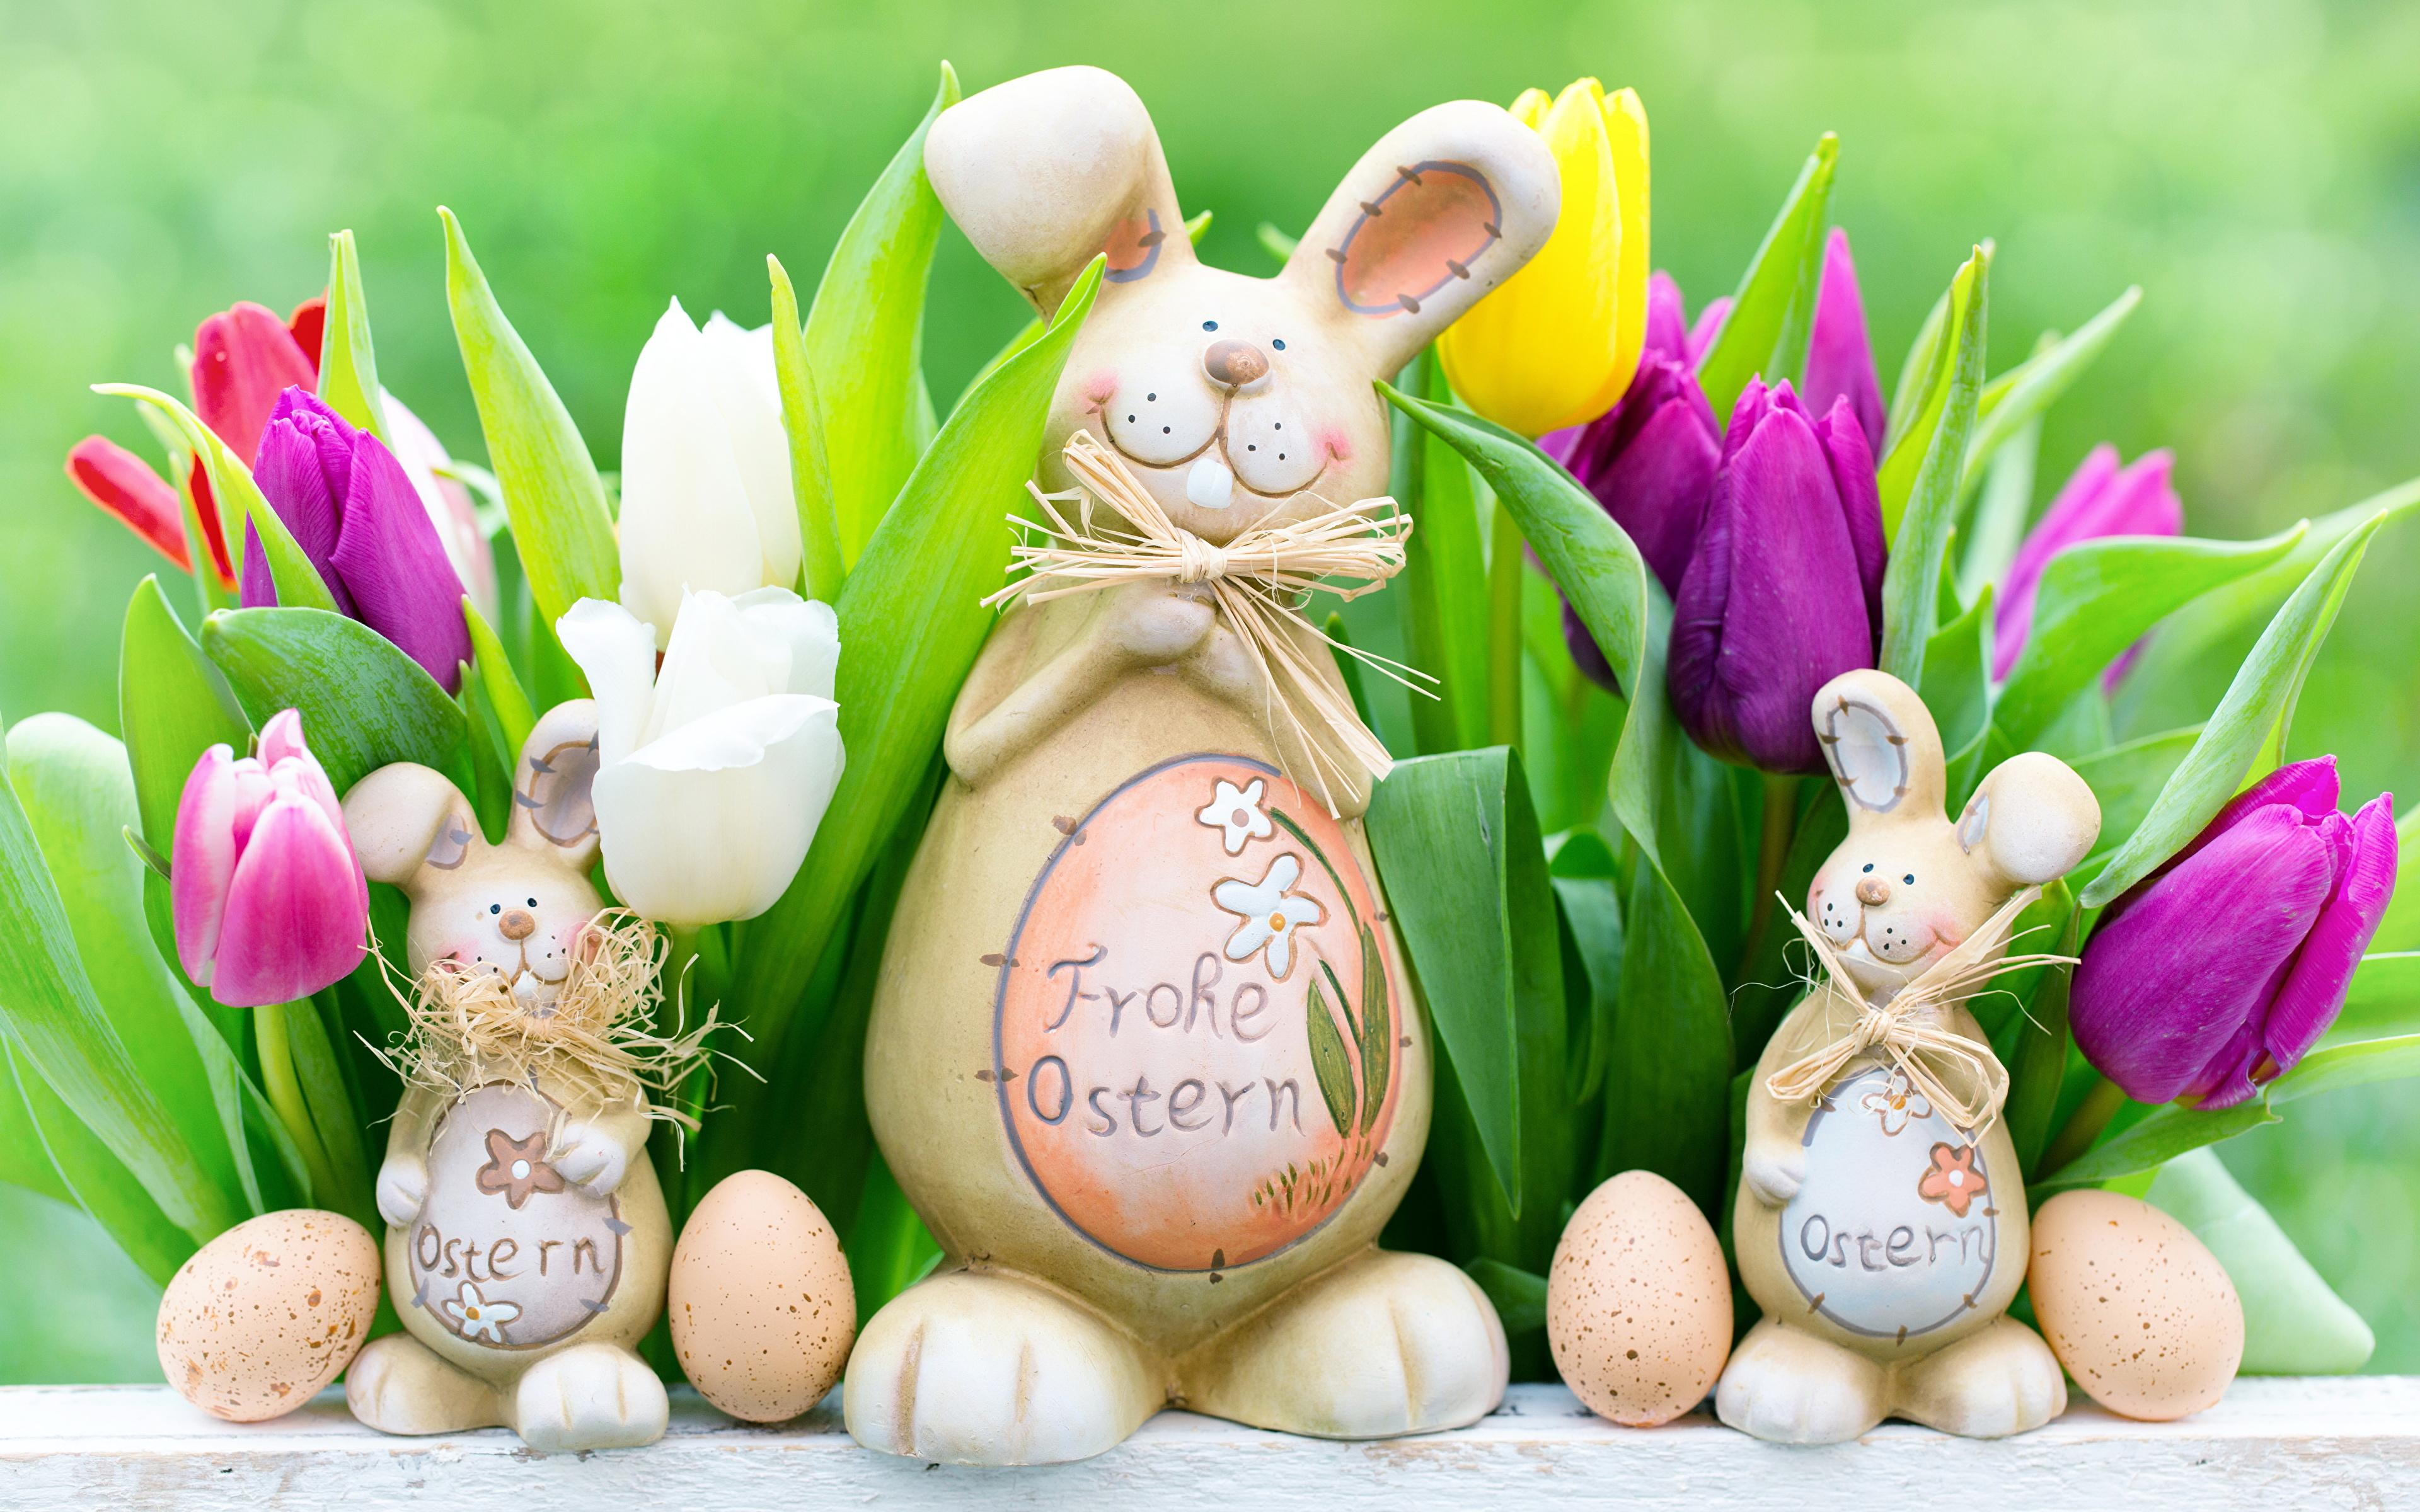 природа кролик цветы тюльпаны яйца пасха  № 271762 без смс